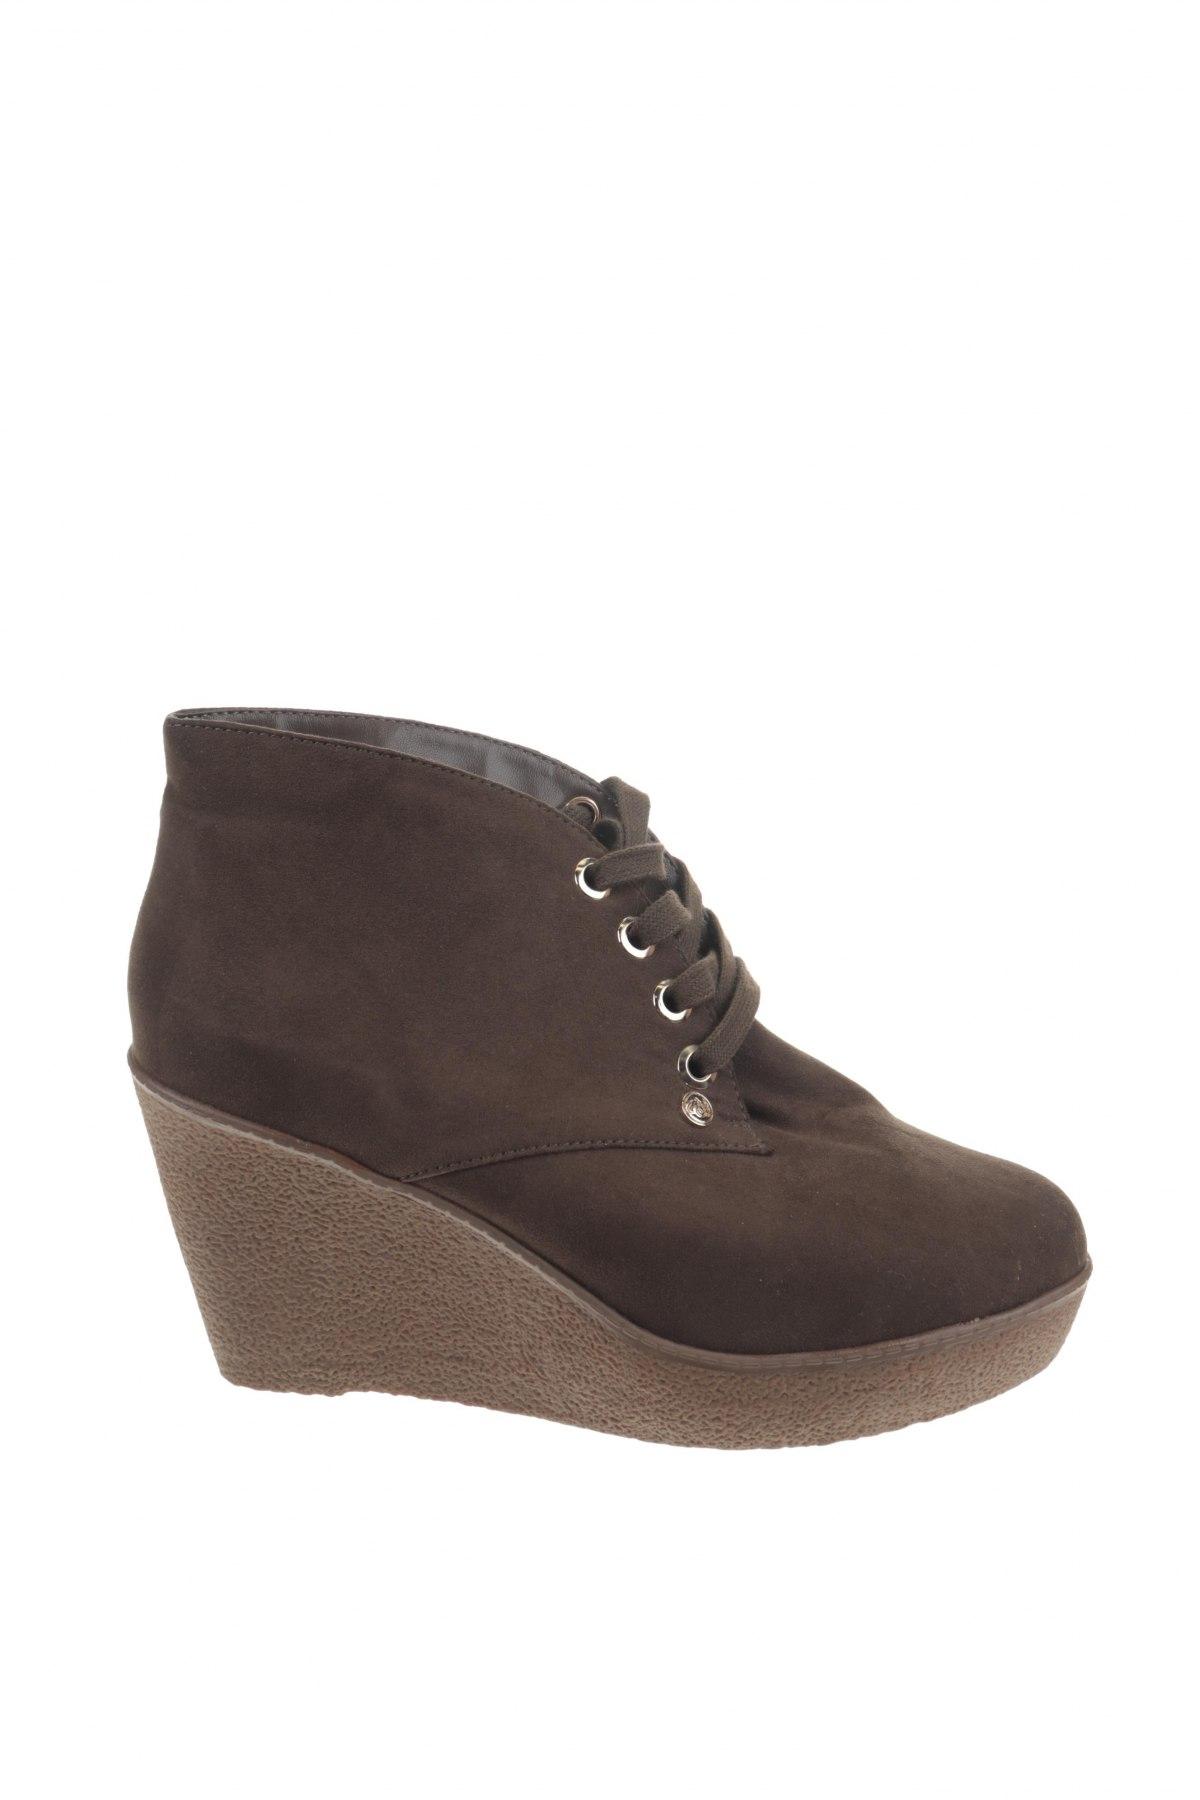 Γυναικεία παπούτσια Camomilla, Μέγεθος 40, Χρώμα Πράσινο, Κλωστοϋφαντουργικά προϊόντα, Τιμή 13,44€